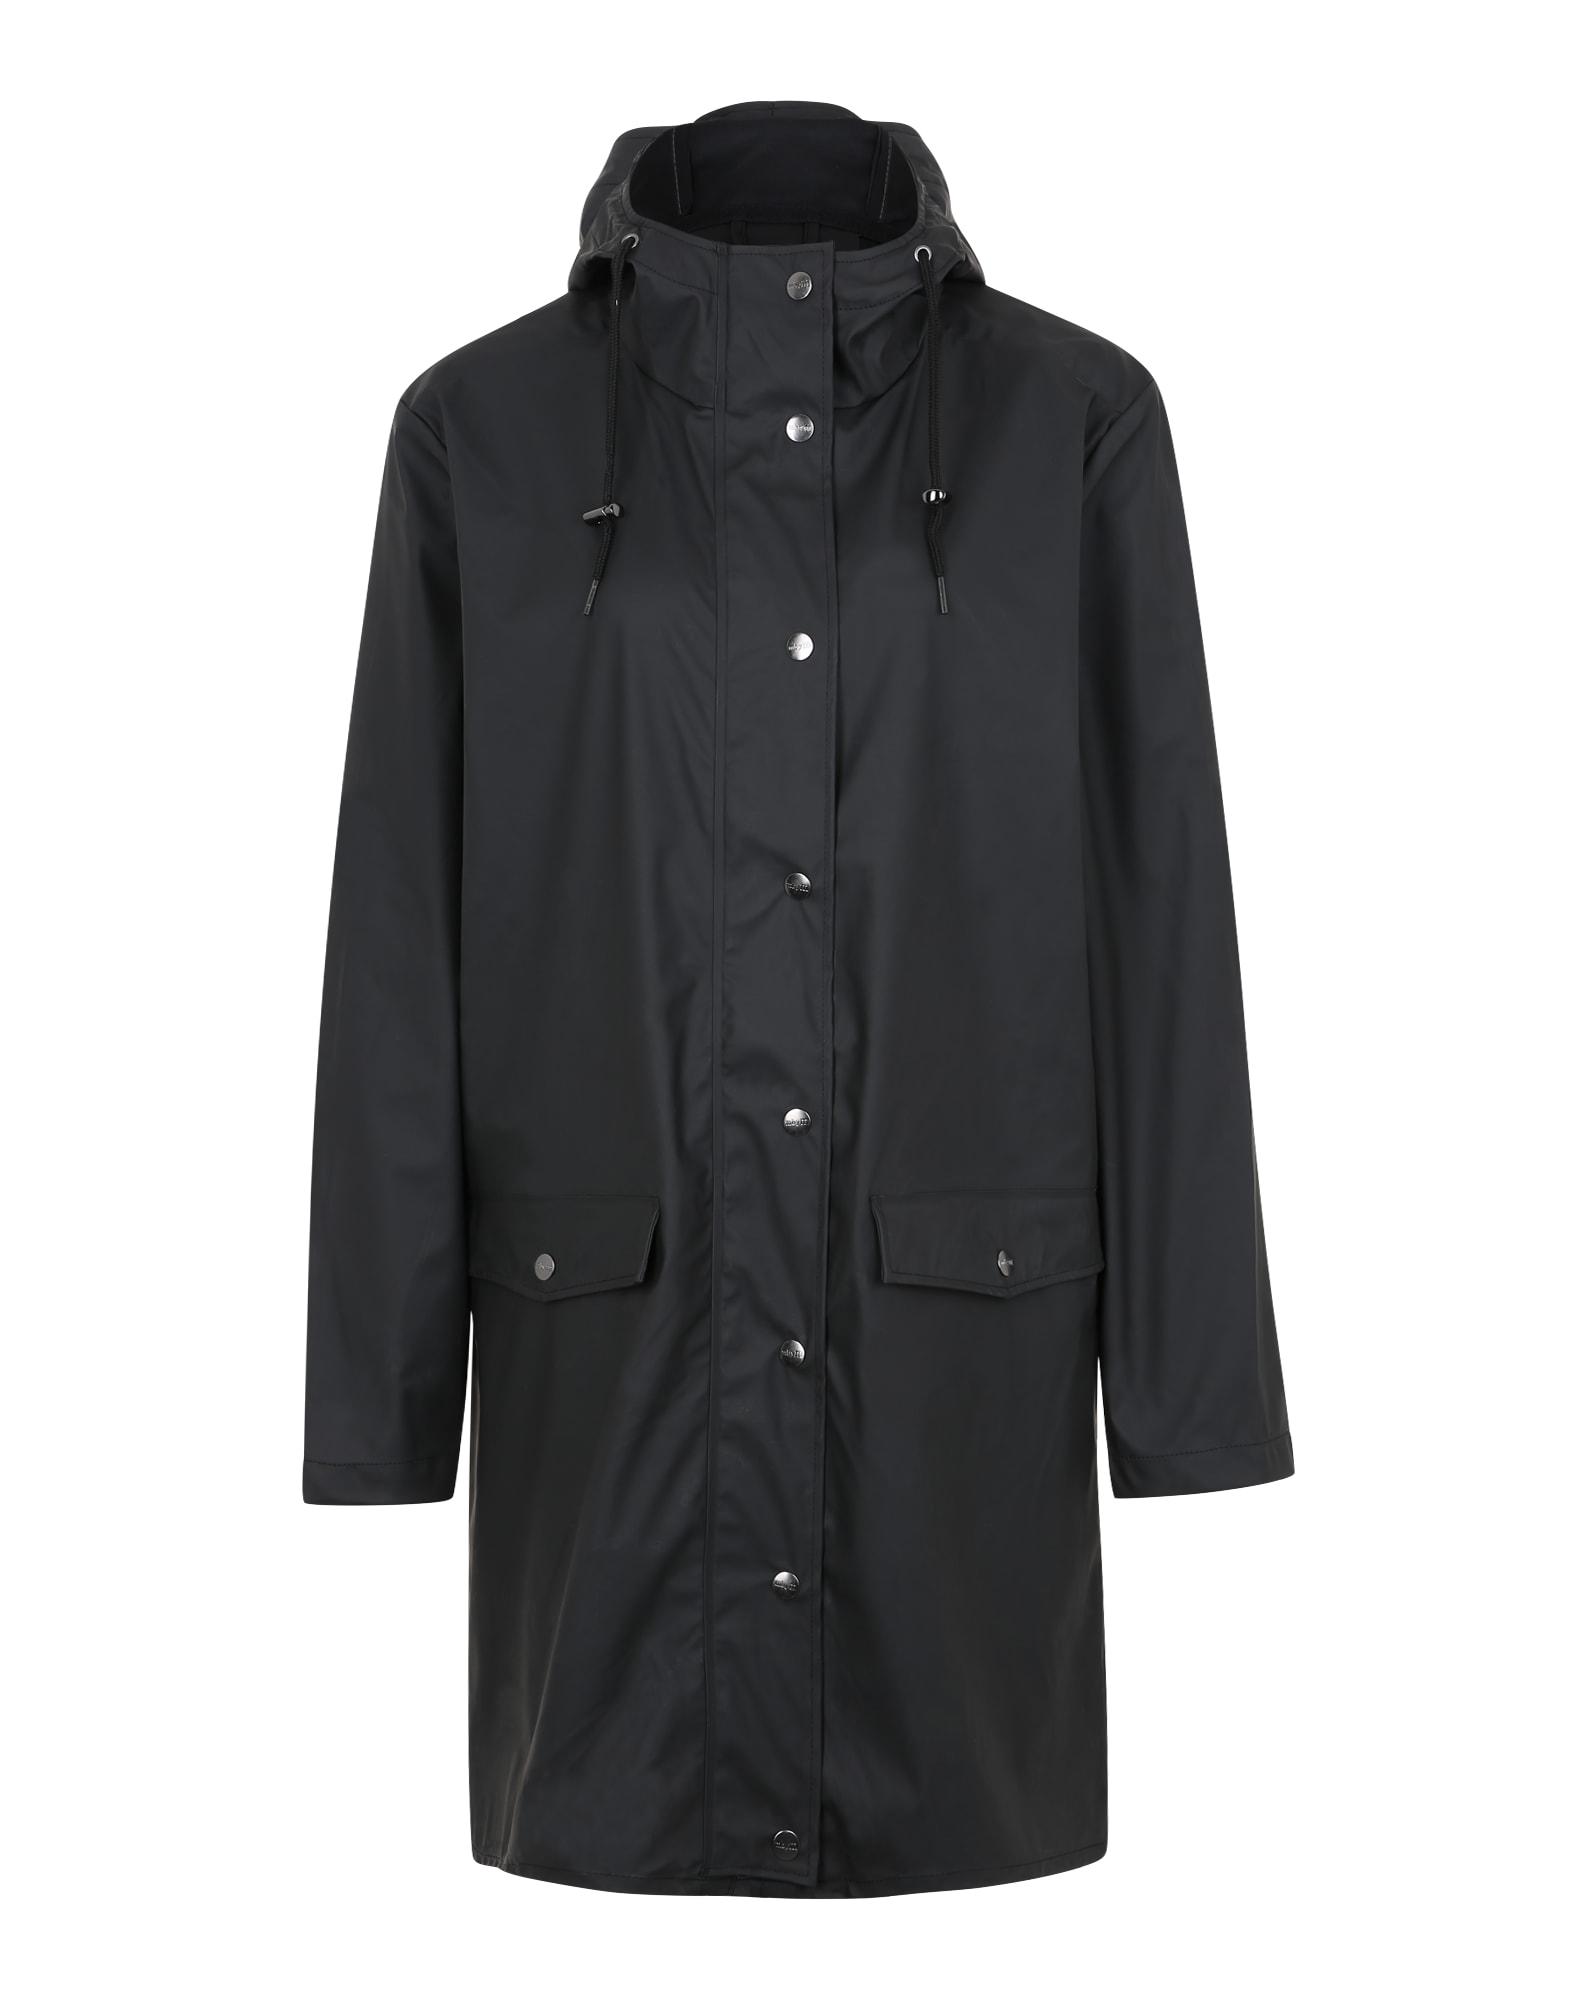 mbym Rudeninis-žieminis paltas 'Fabiola' juoda